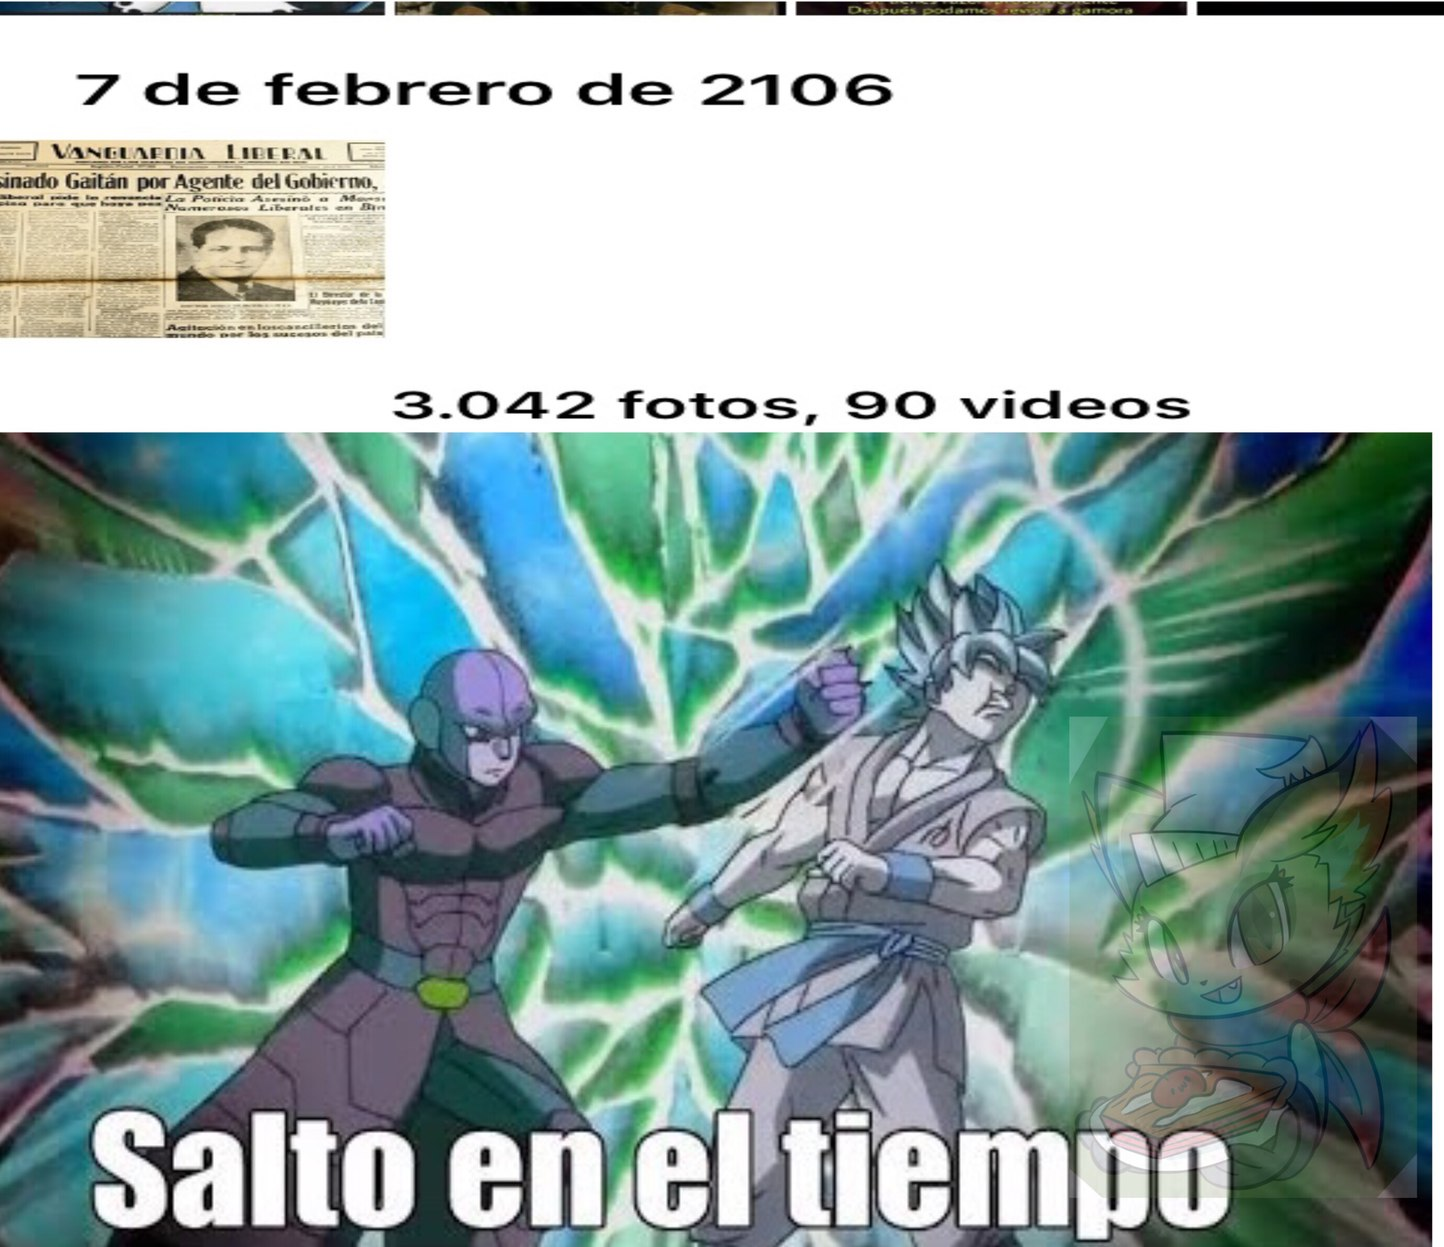 Jorge Eliezer Gaitan - meme